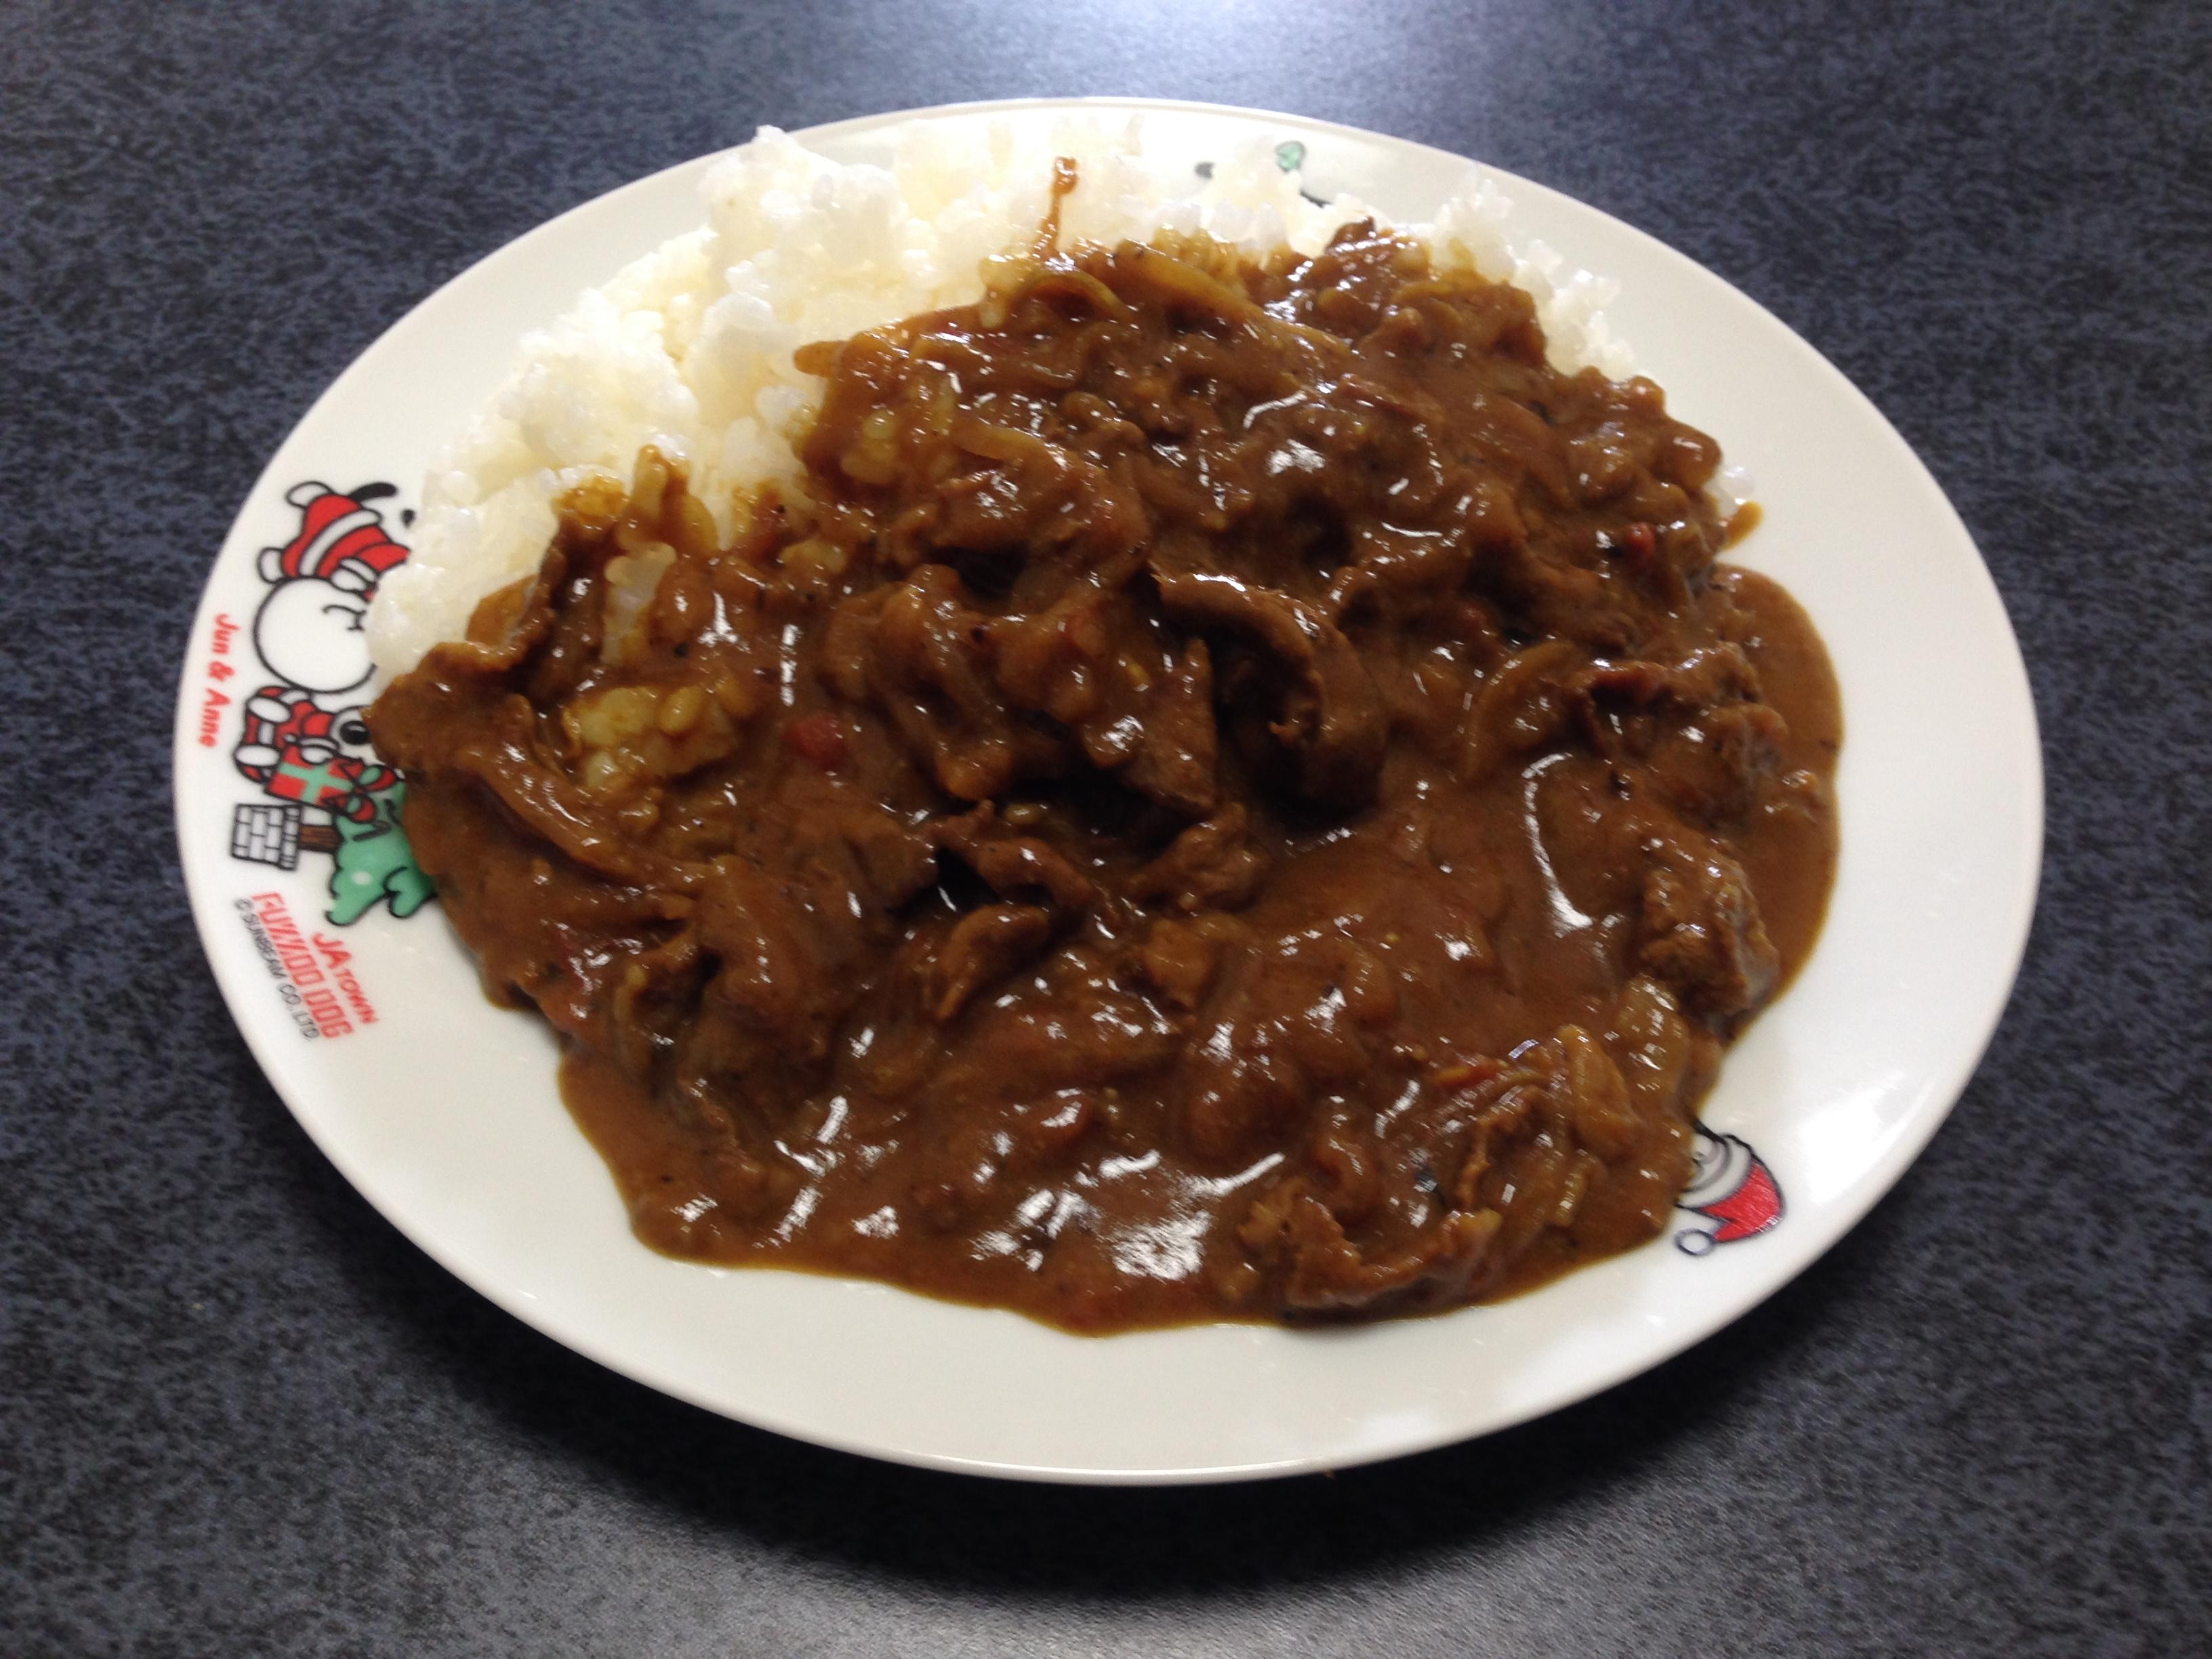 スパイス牛肉カレーライスの写真